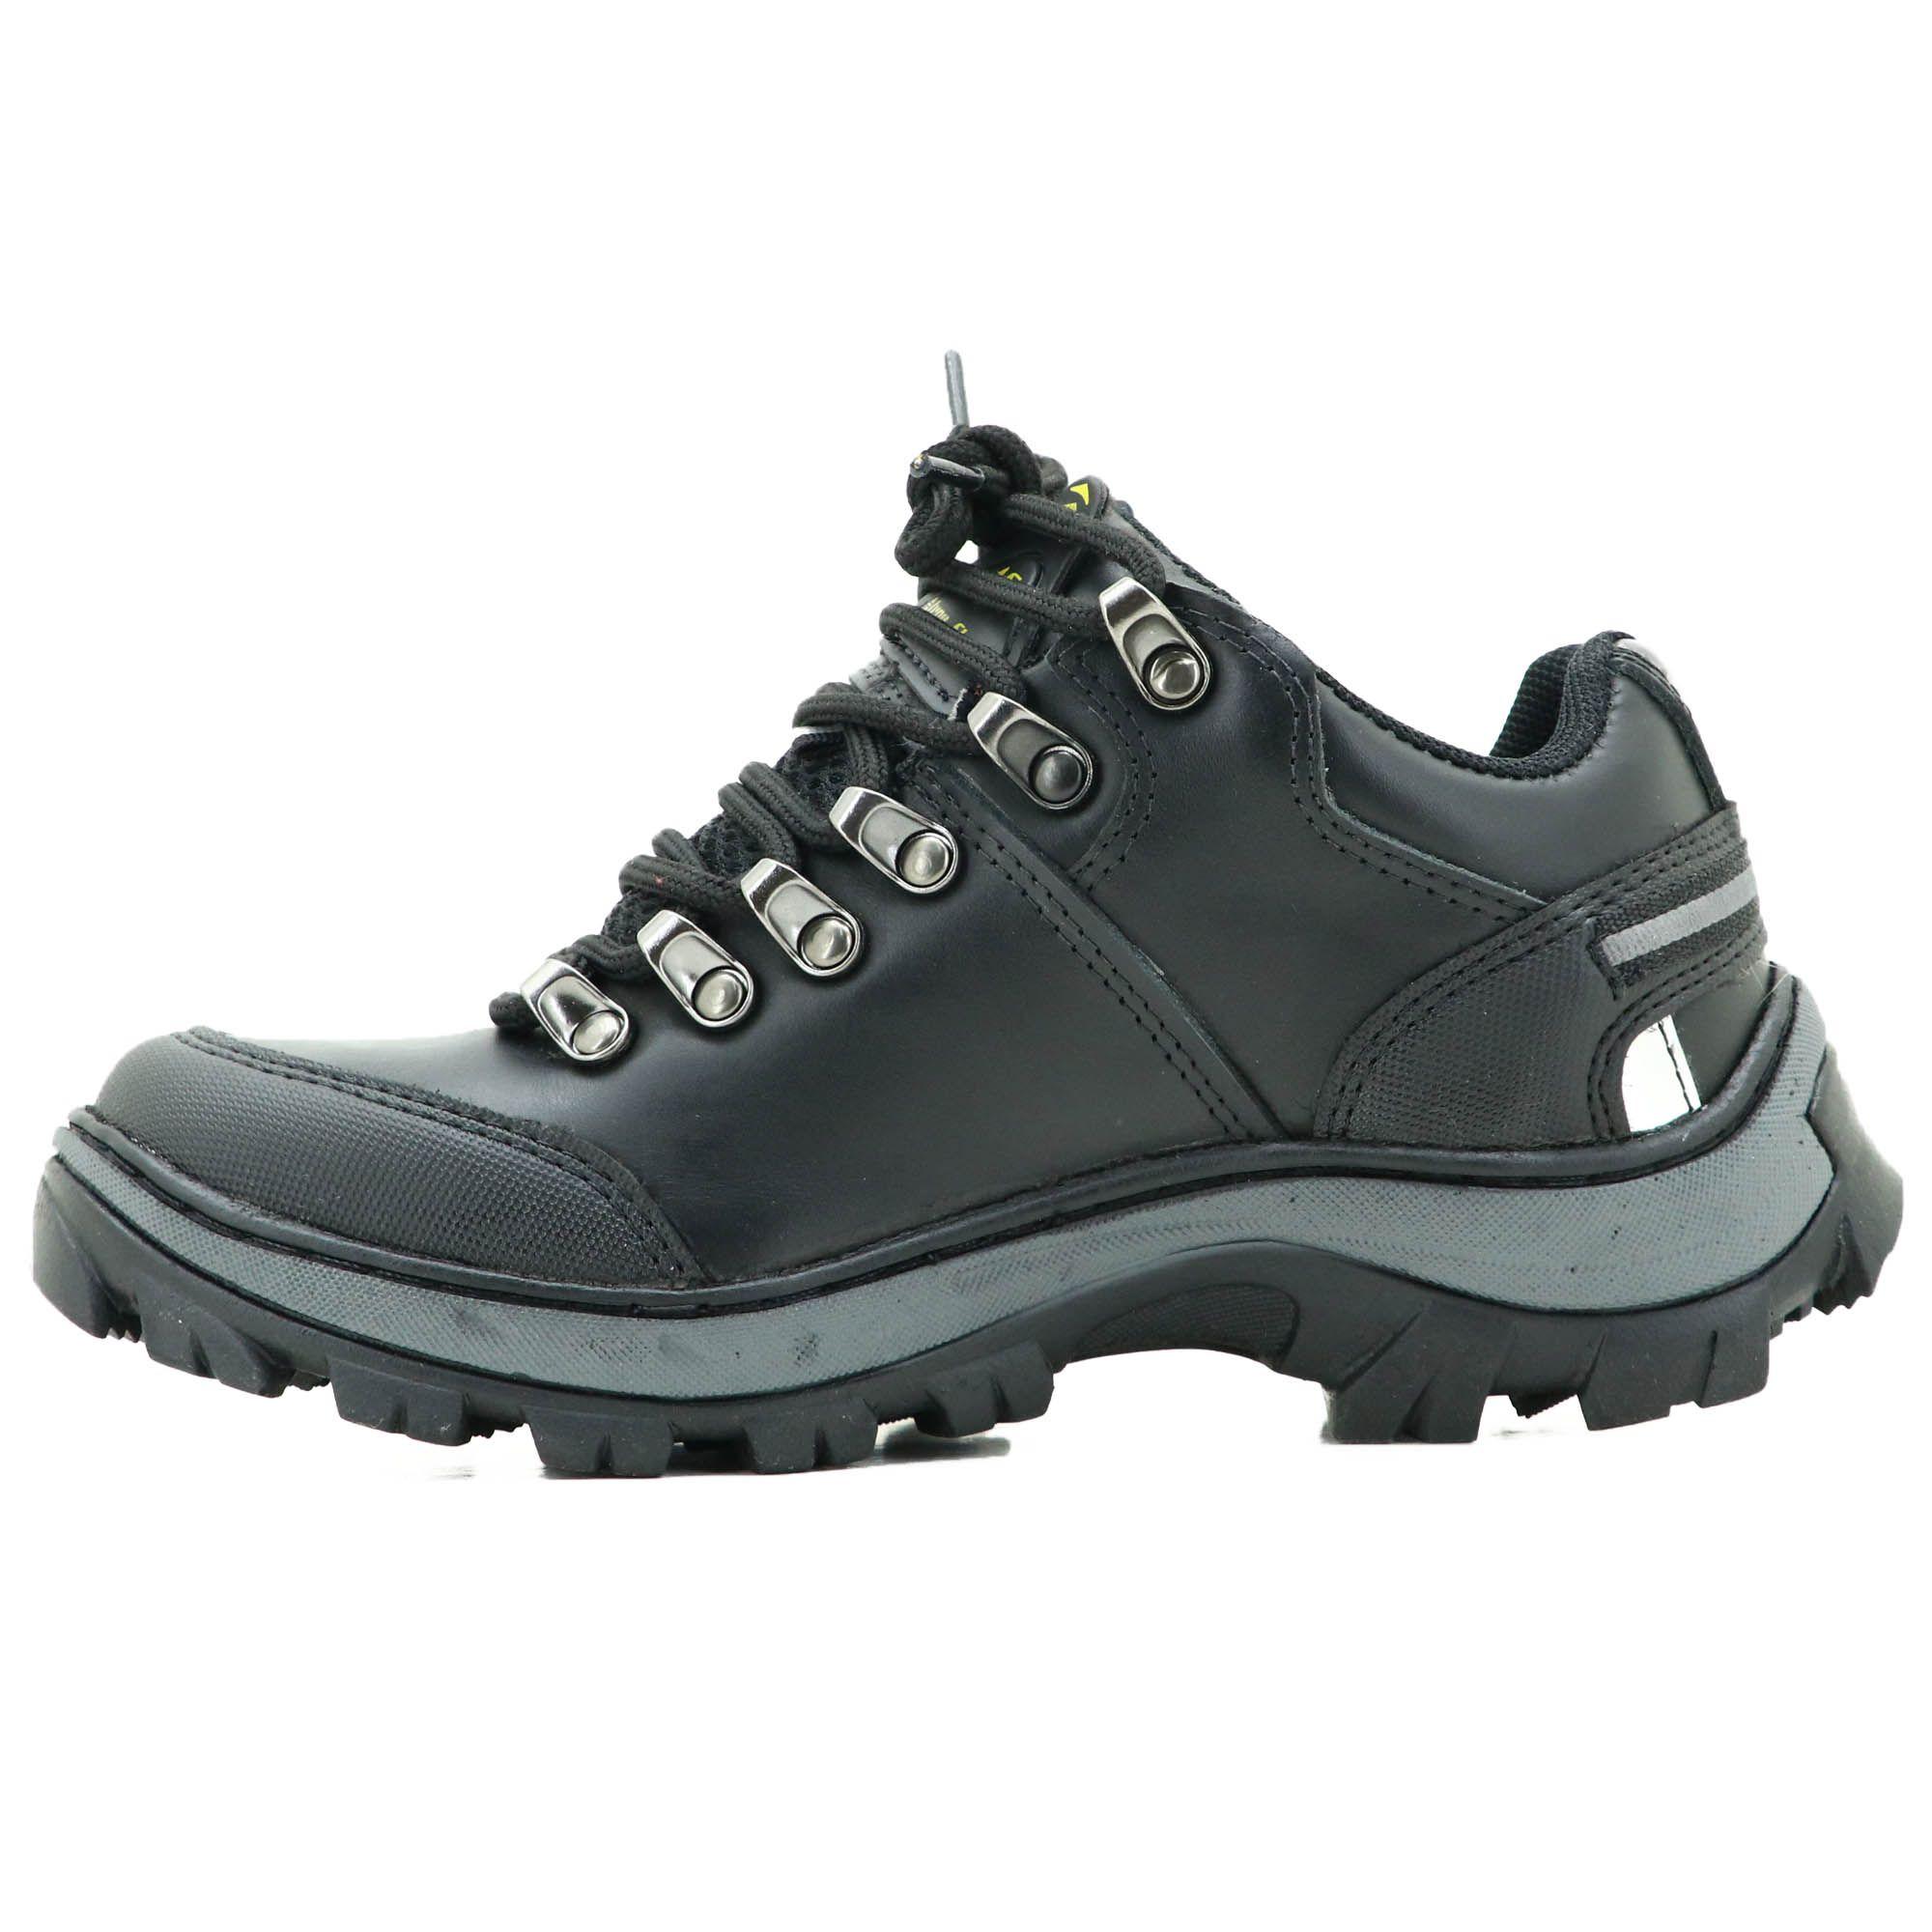 75f4bddc0 Tênis adventure casual em couro na cor preta Atron Shoes 269